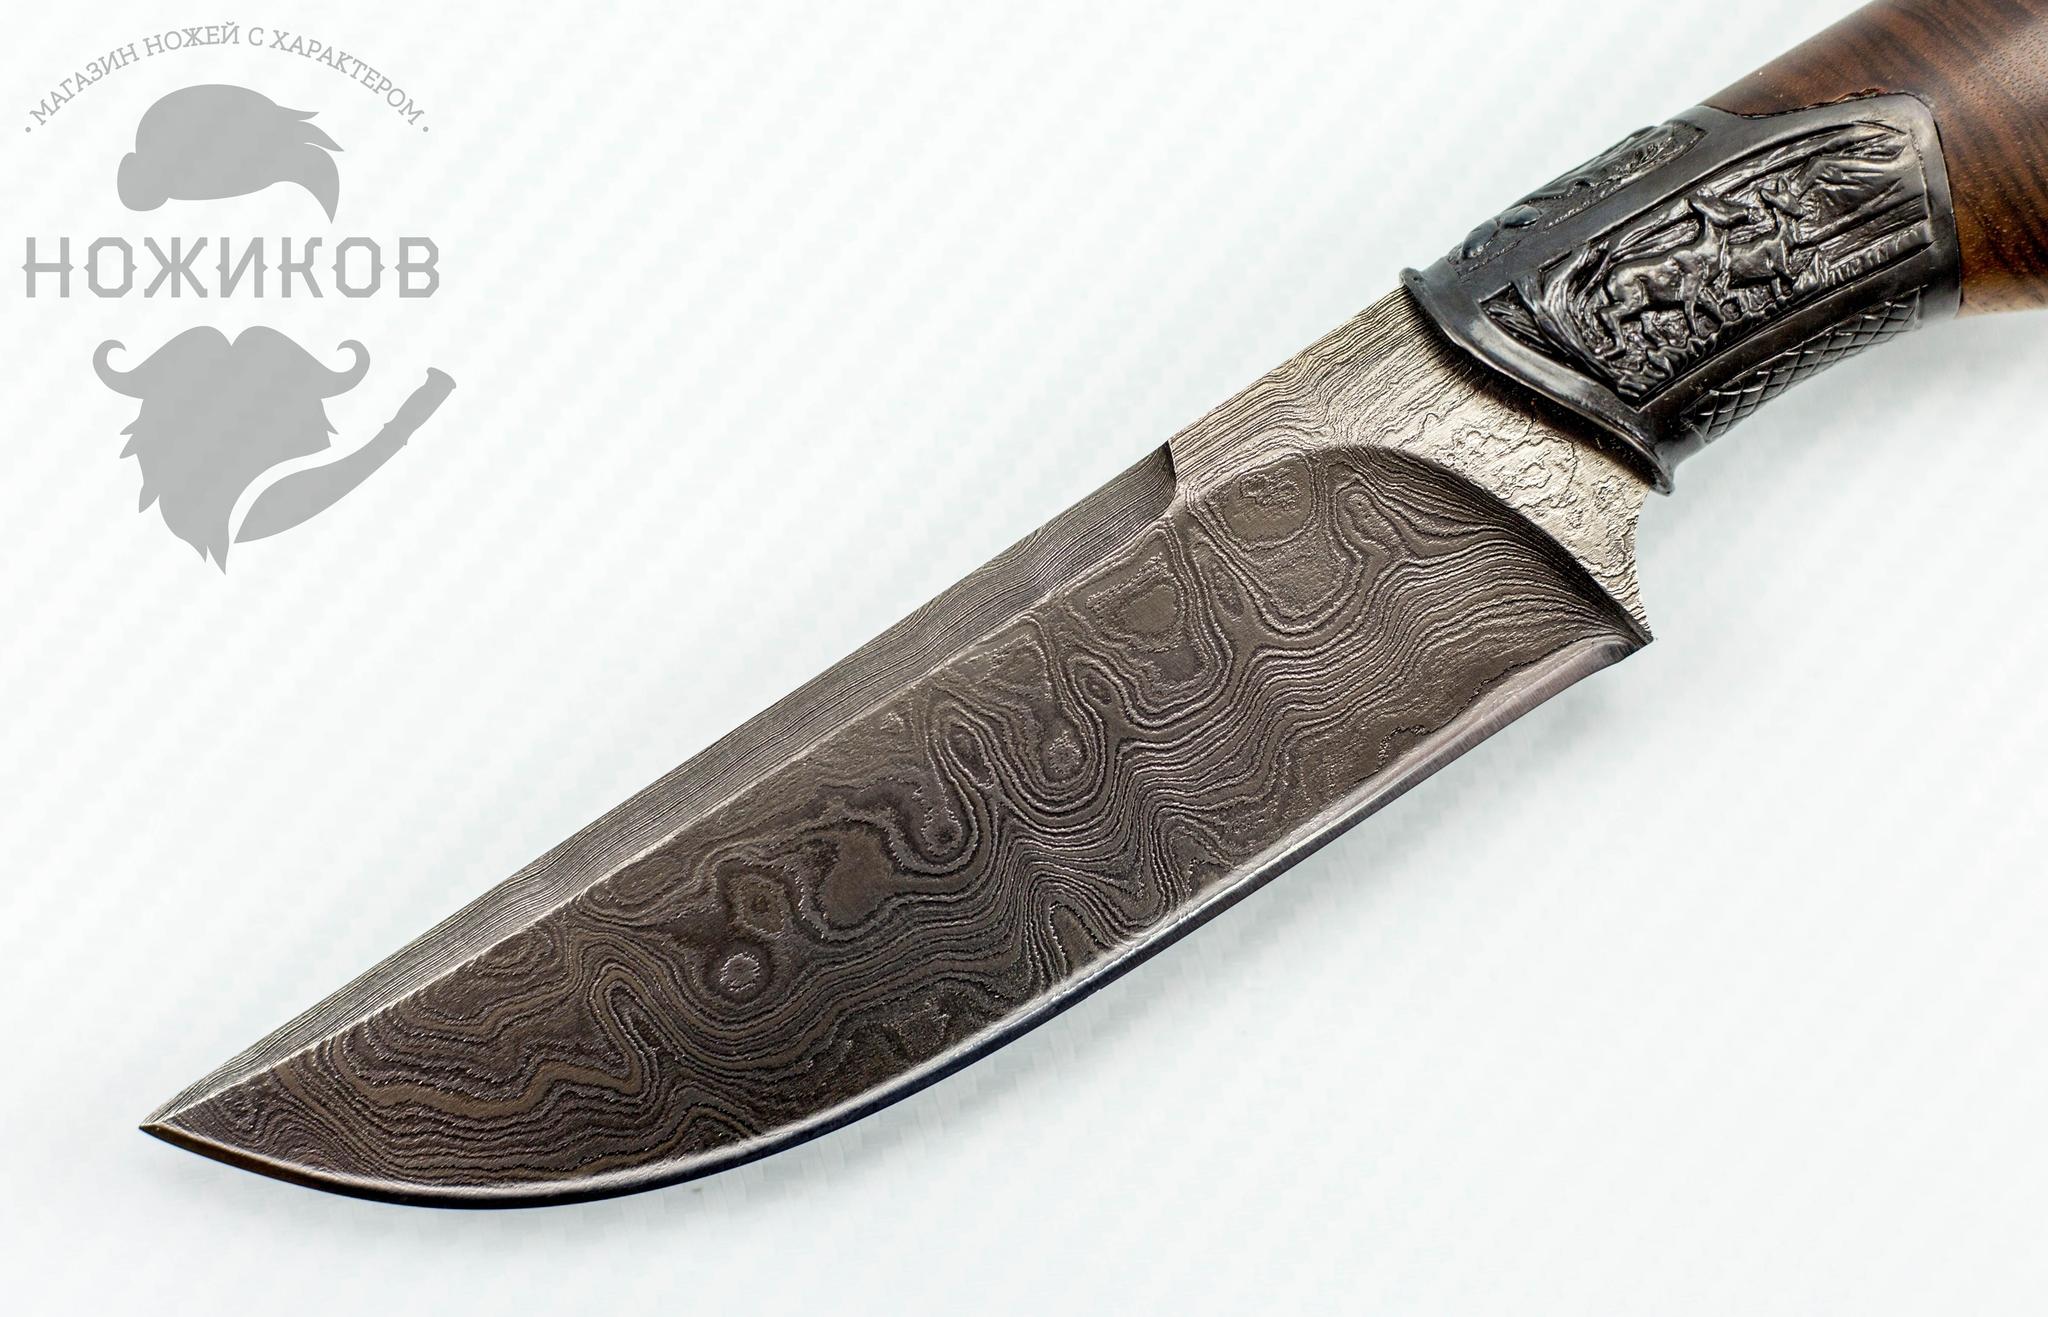 Фото 2 - Авторский Нож из Дамаска №85, Кизляр от Noname